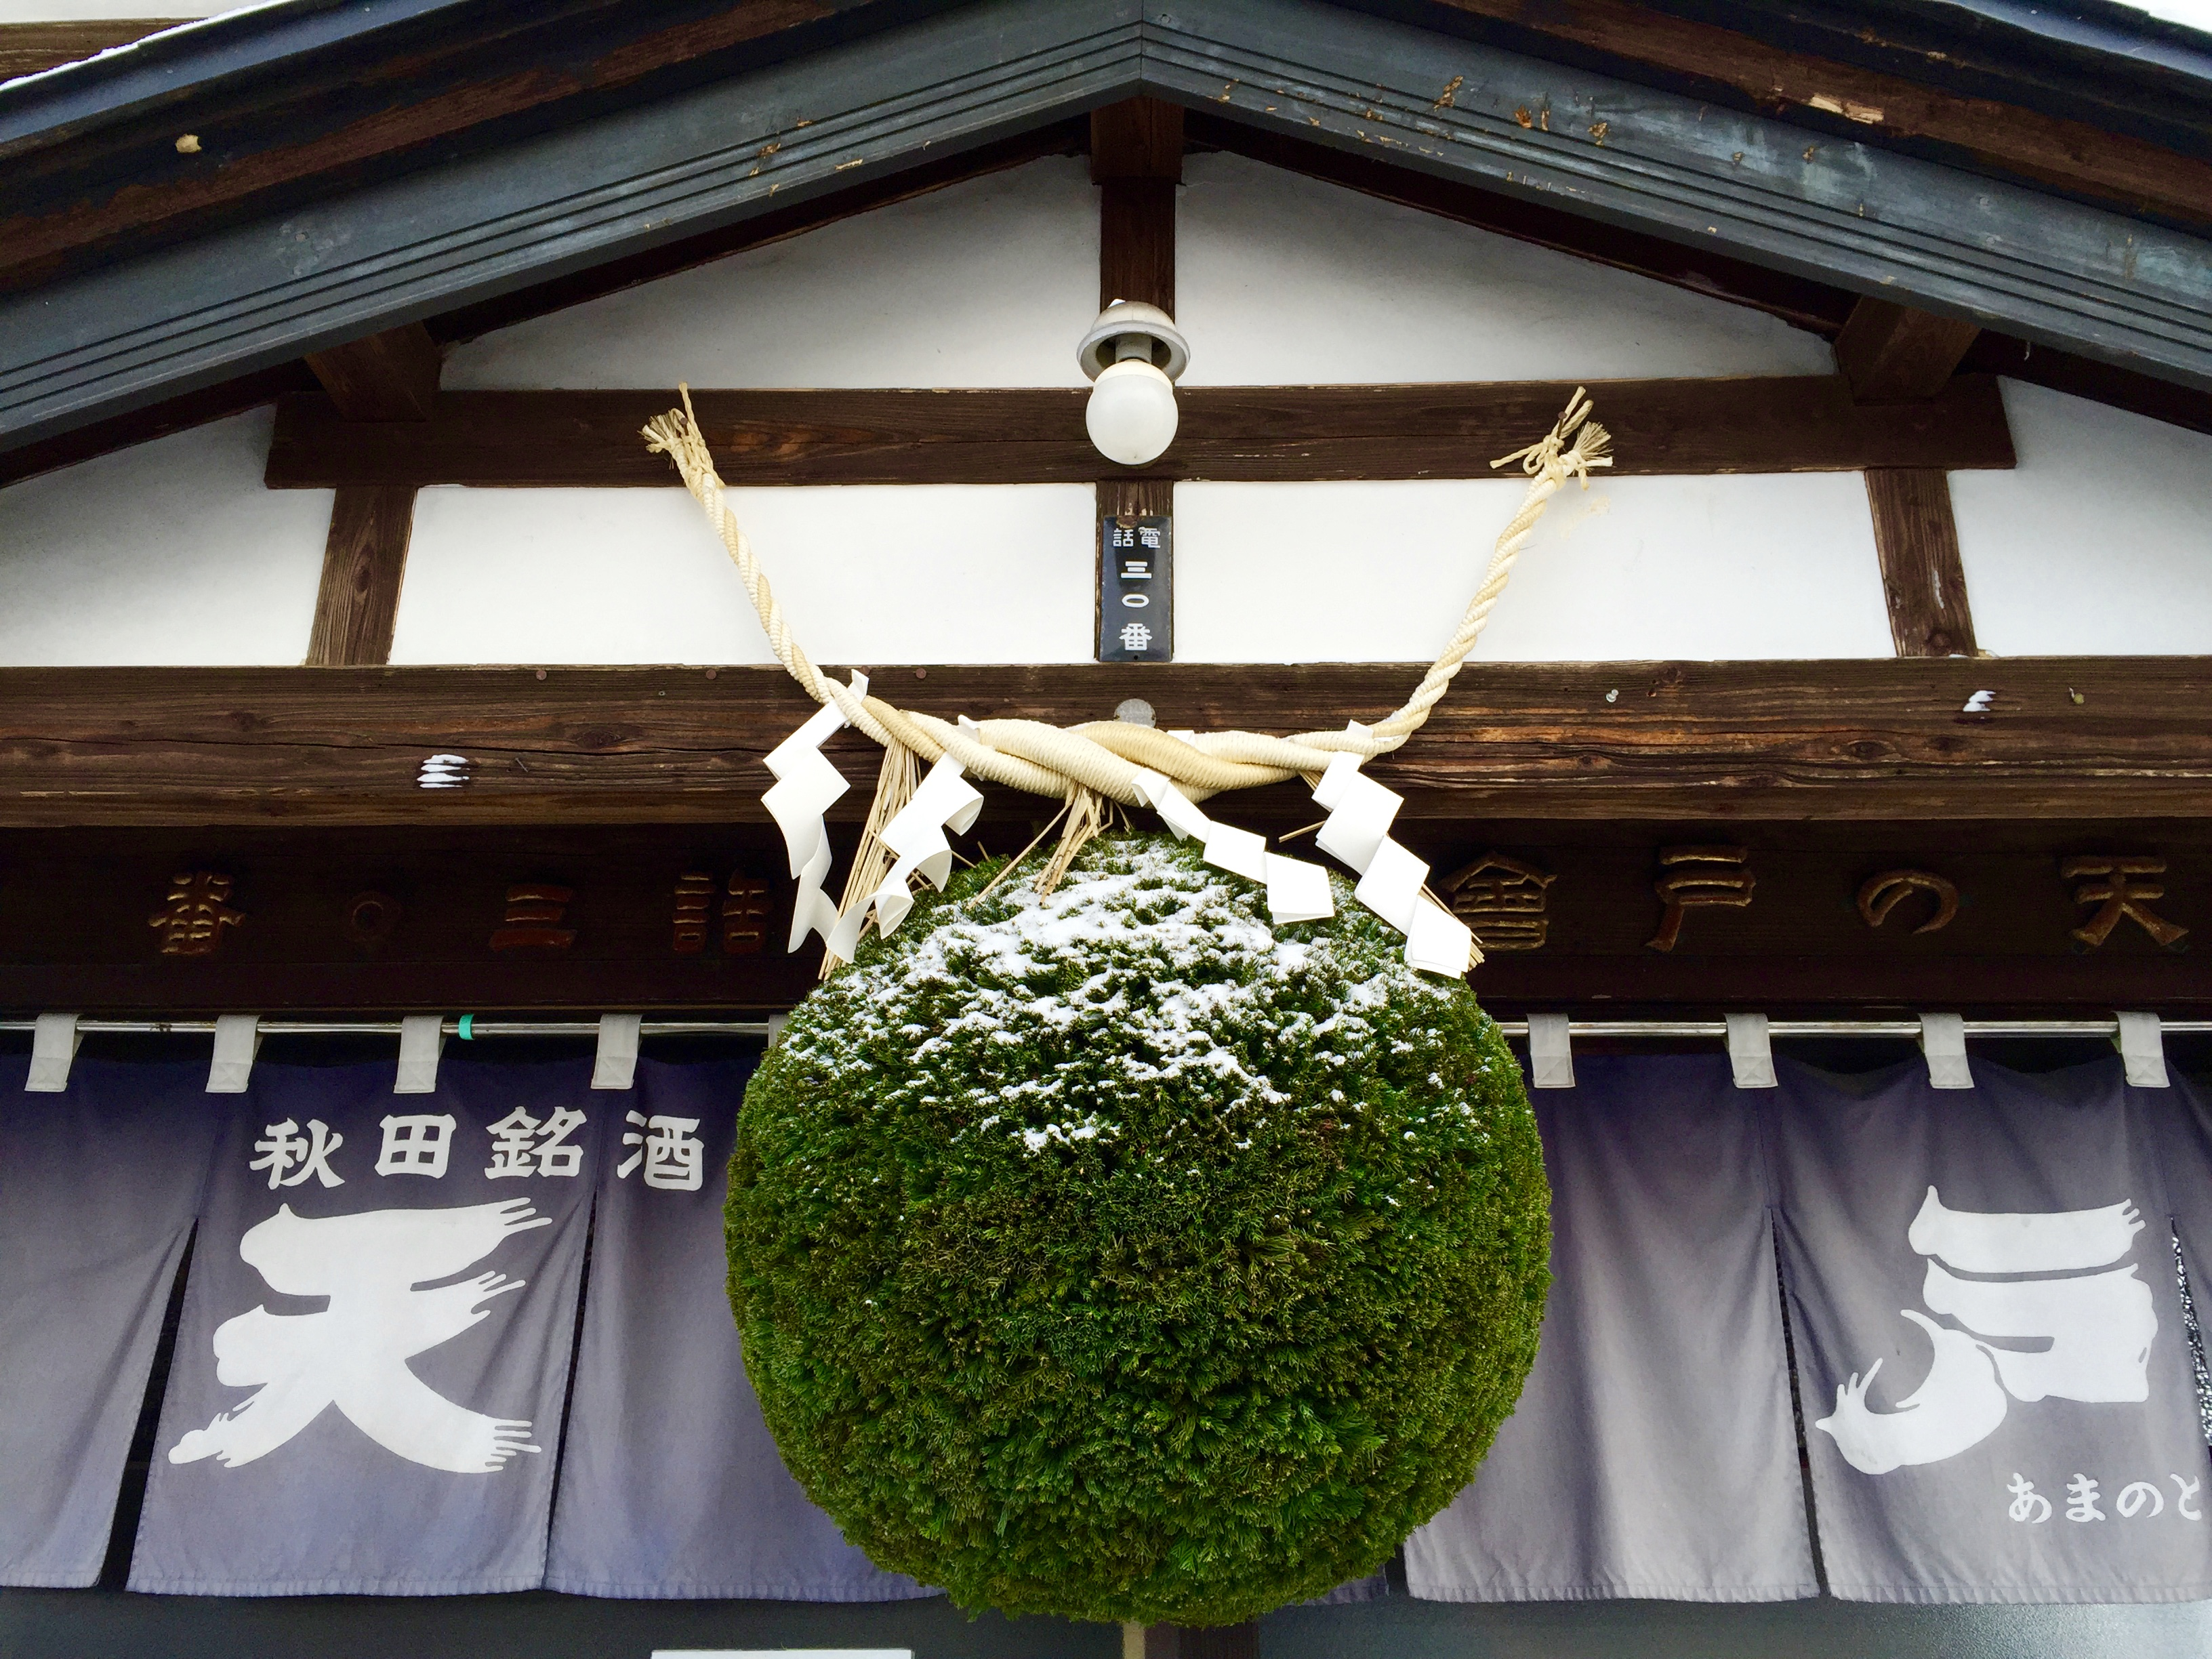 新潟燕三条の純金の器と、秋田純米酒蔵の最高峰美酒の煌めきペア